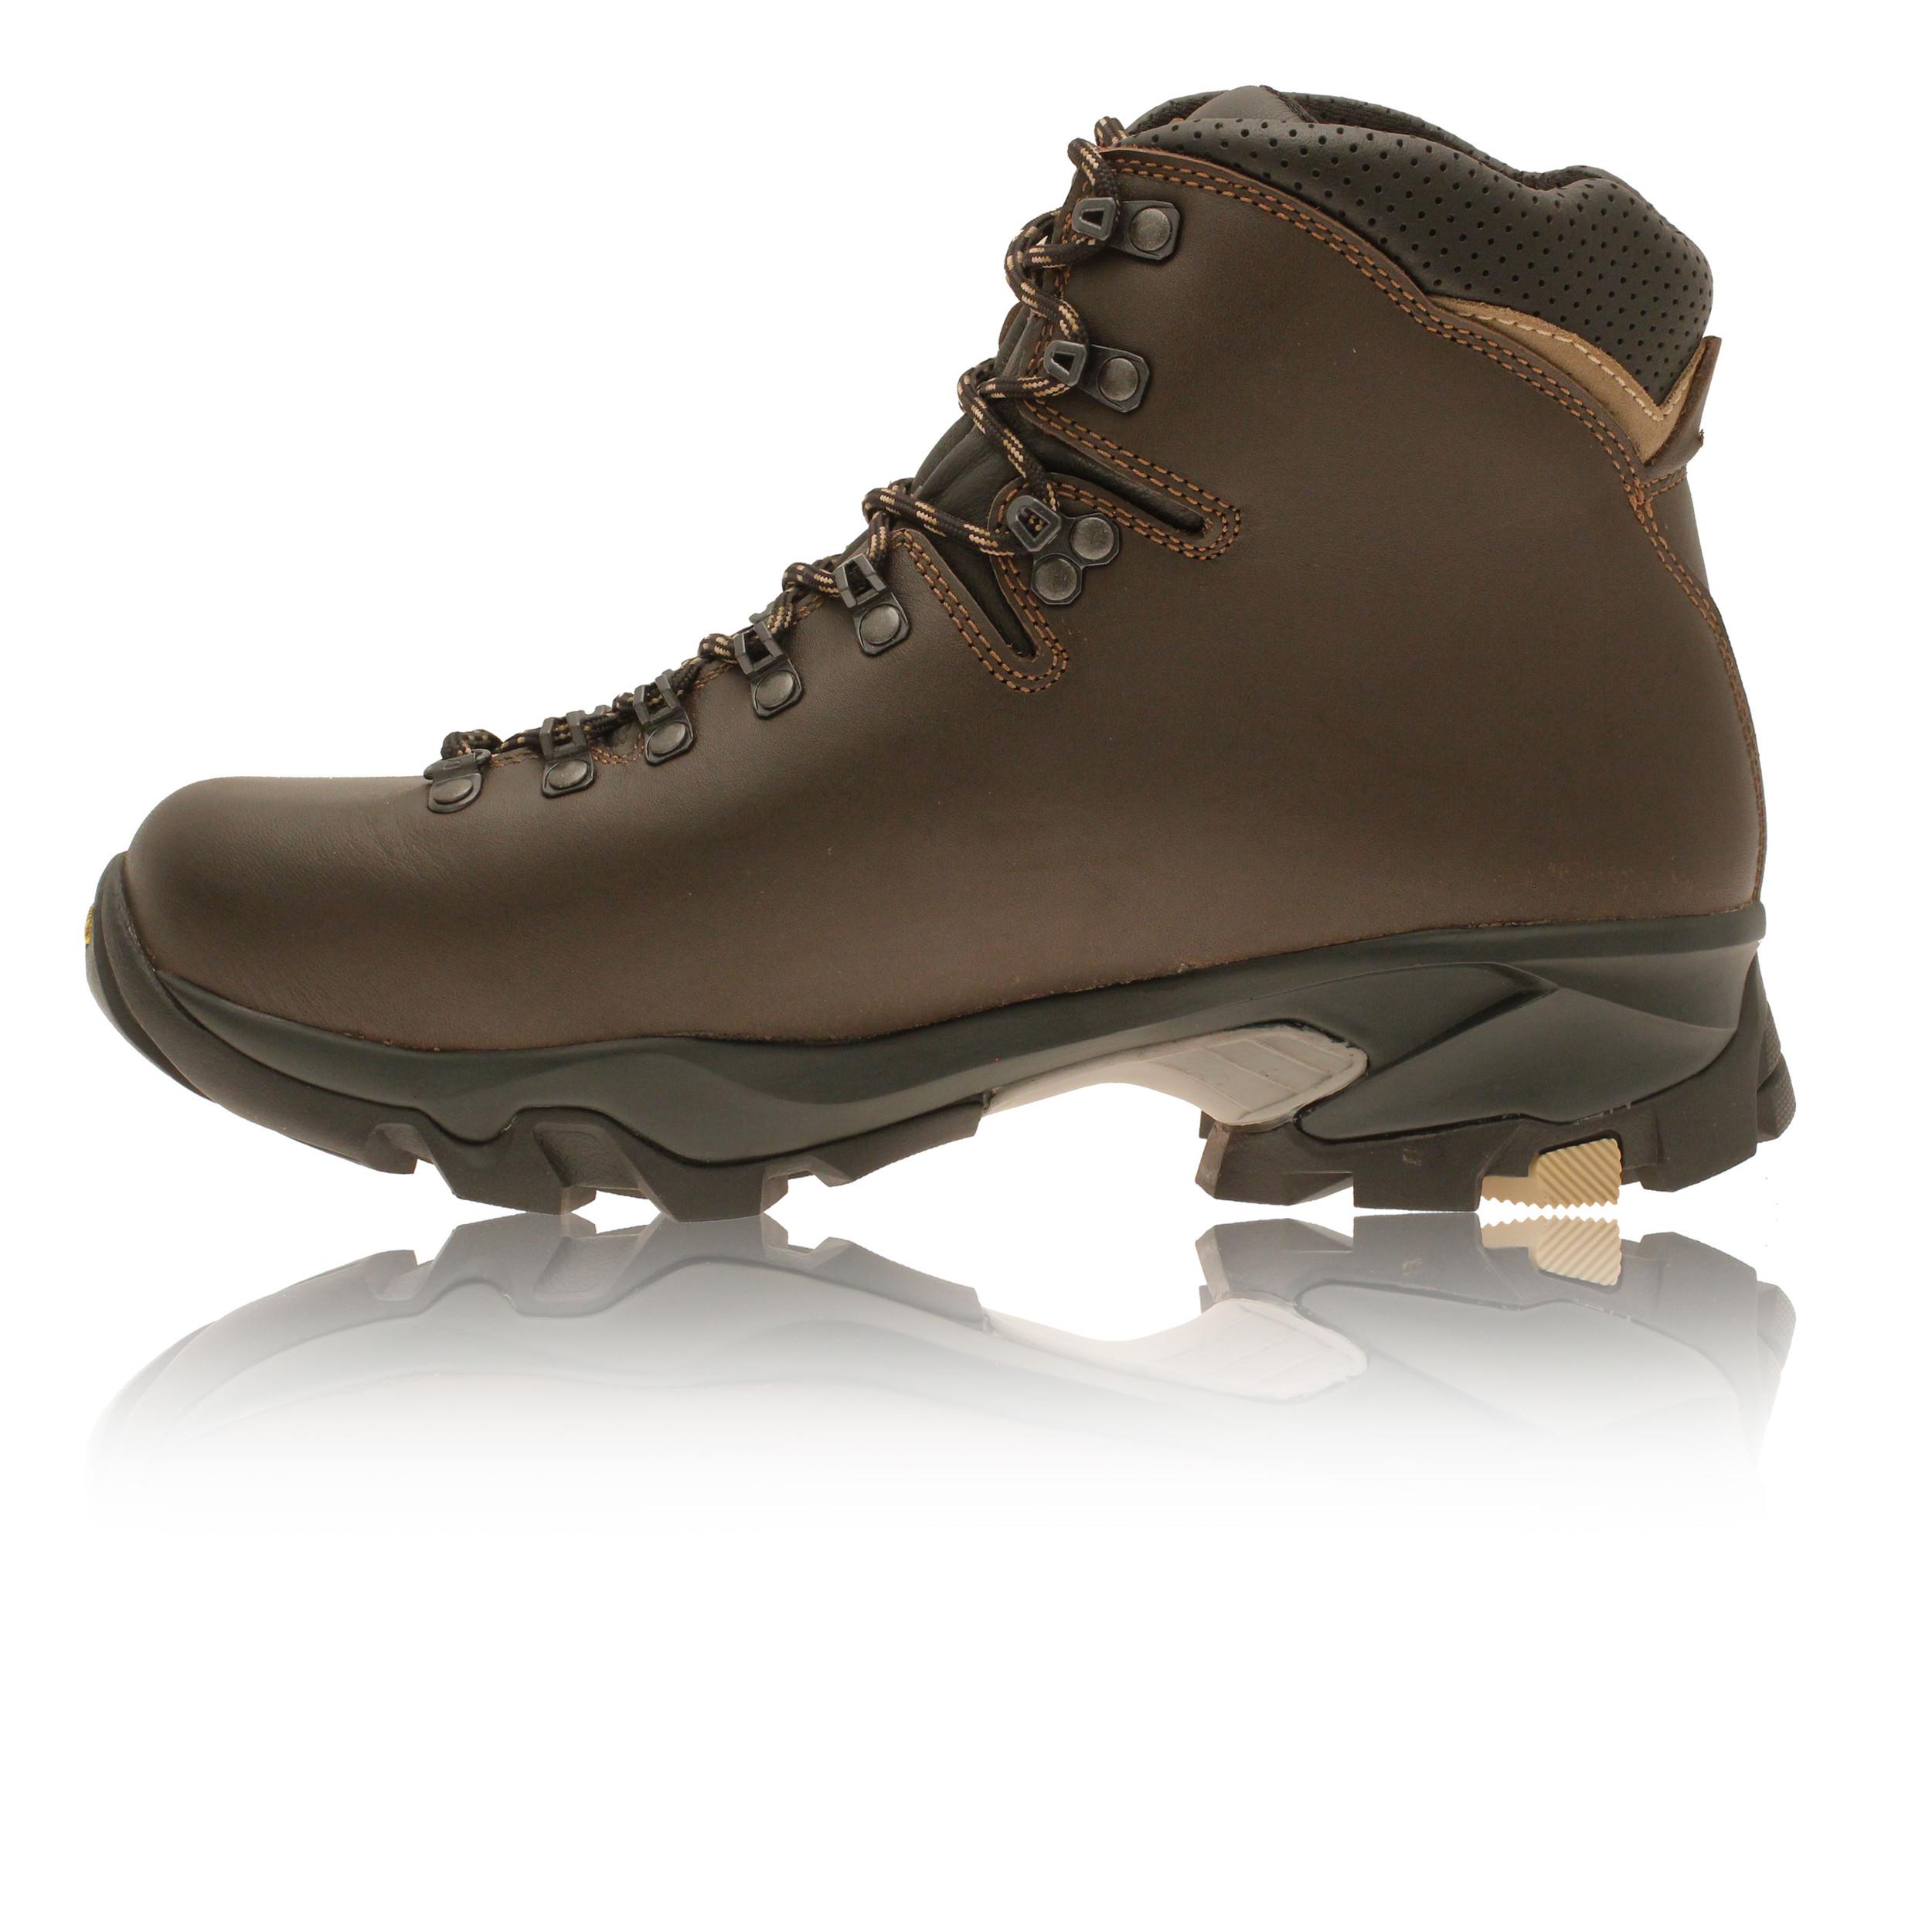 Zamberlan-Vioz-Mujer-Marron-Gore-Tex-Impermeable-Exterior-Andar-Botas-Zapatos